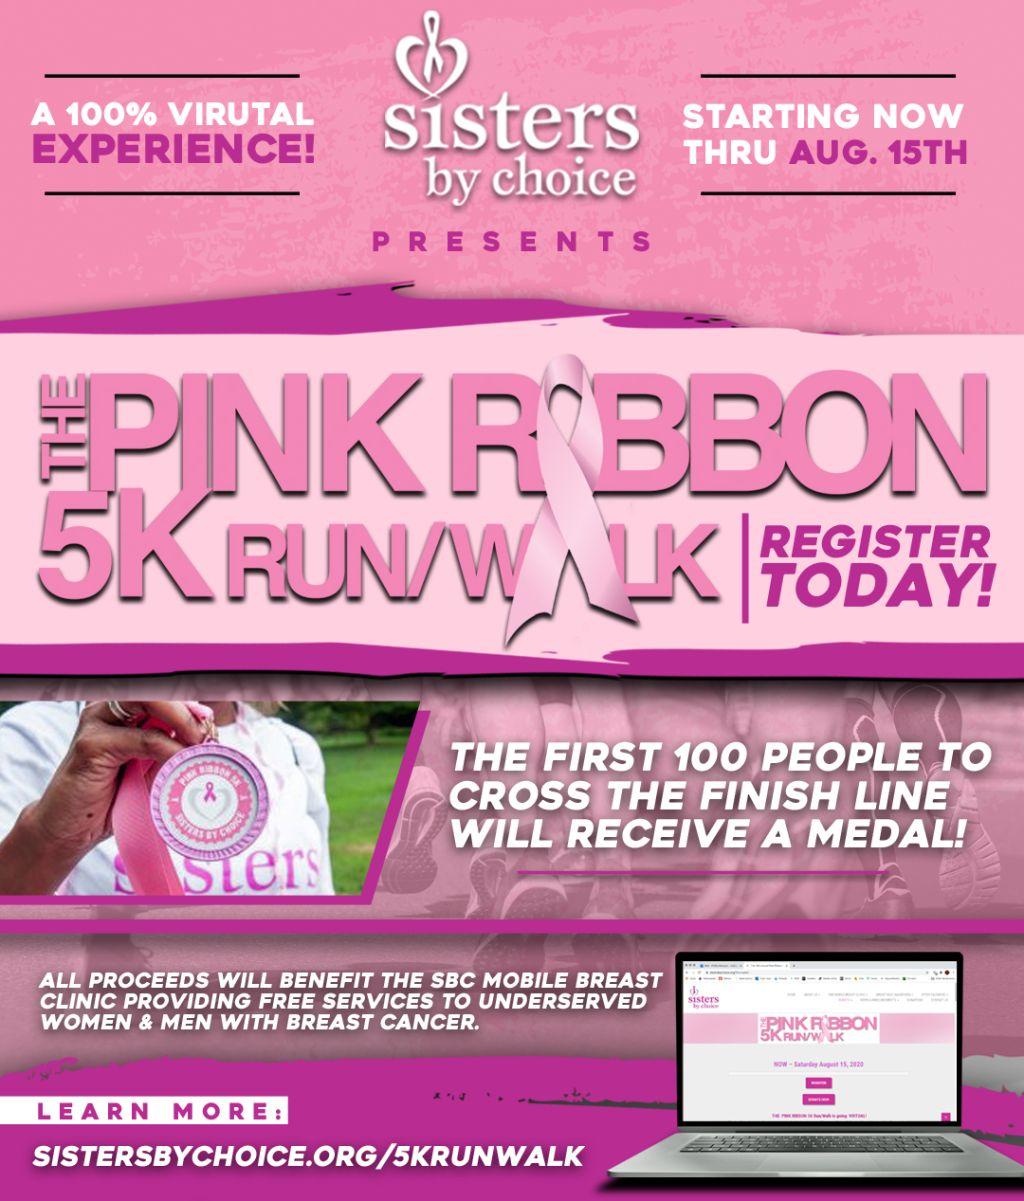 Sisters By Choice | The Pink Ribbon 5K Run/Walk